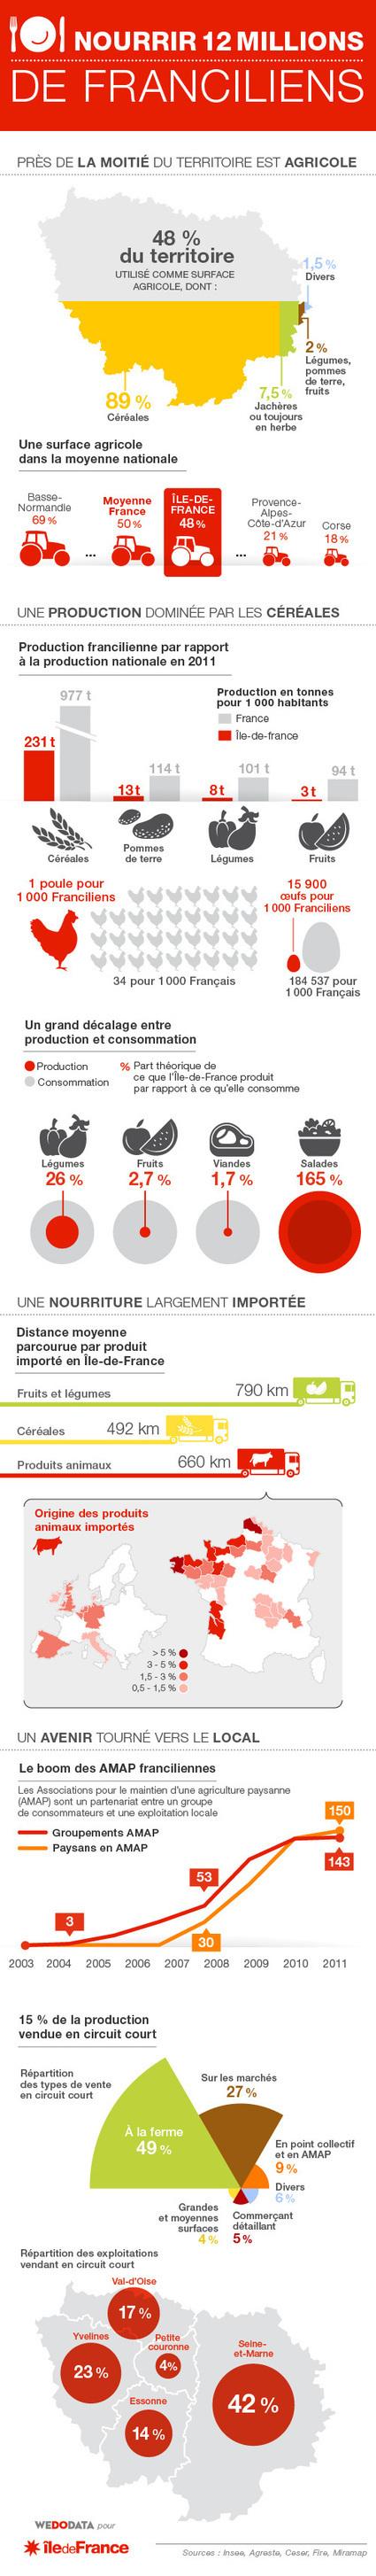 Voici une cartographie réalisée par la Région Ile-de-France pour comprendre la réalité de notre production agricole… | Parisian'East, la communauté urbaine des amoureux de l'Est Parisien. | Scoop.it